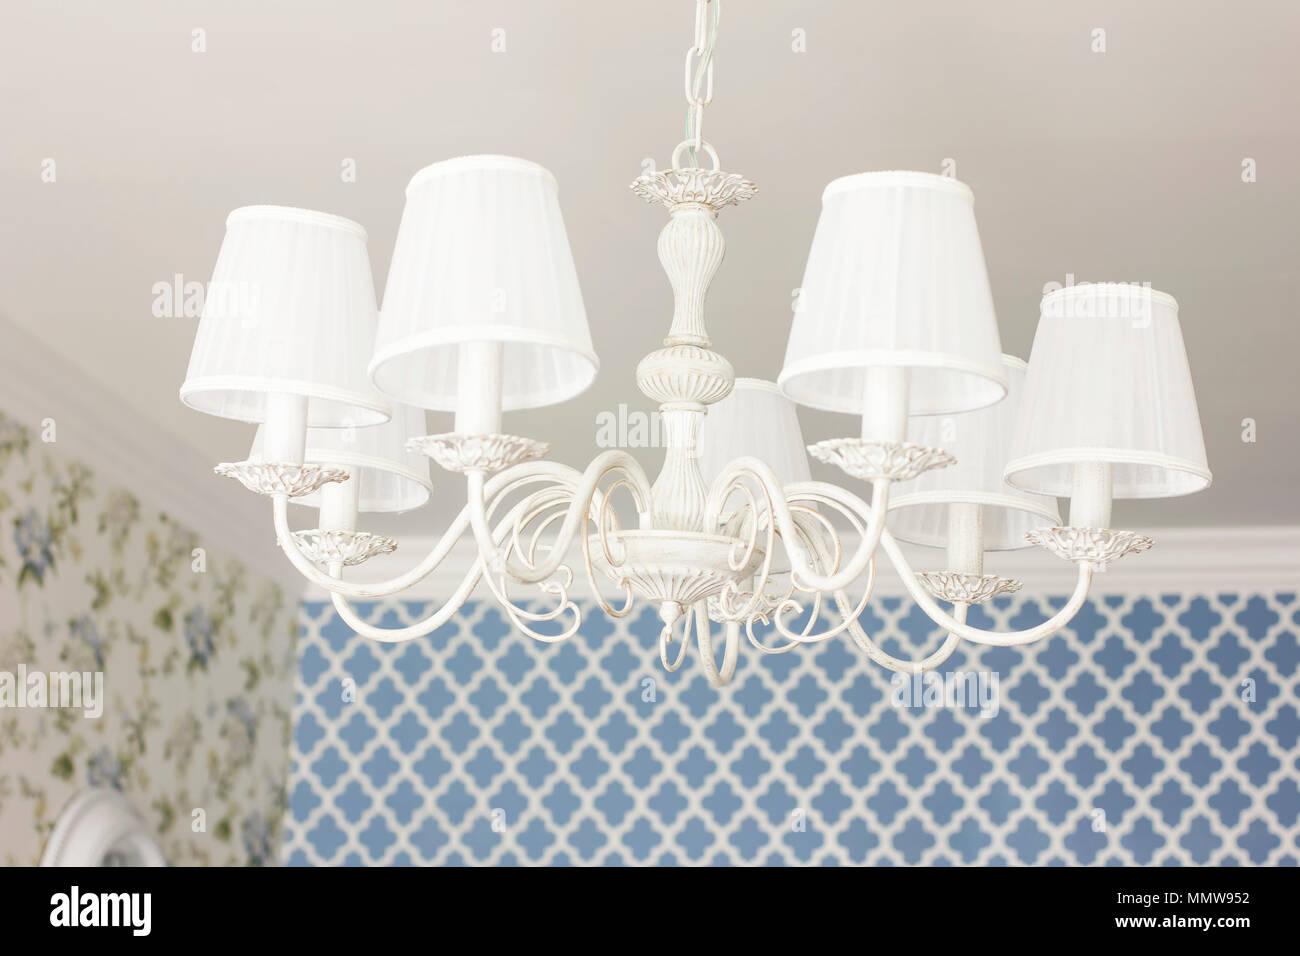 Bianco elegante lampadario a soffitto lampada dettagli di